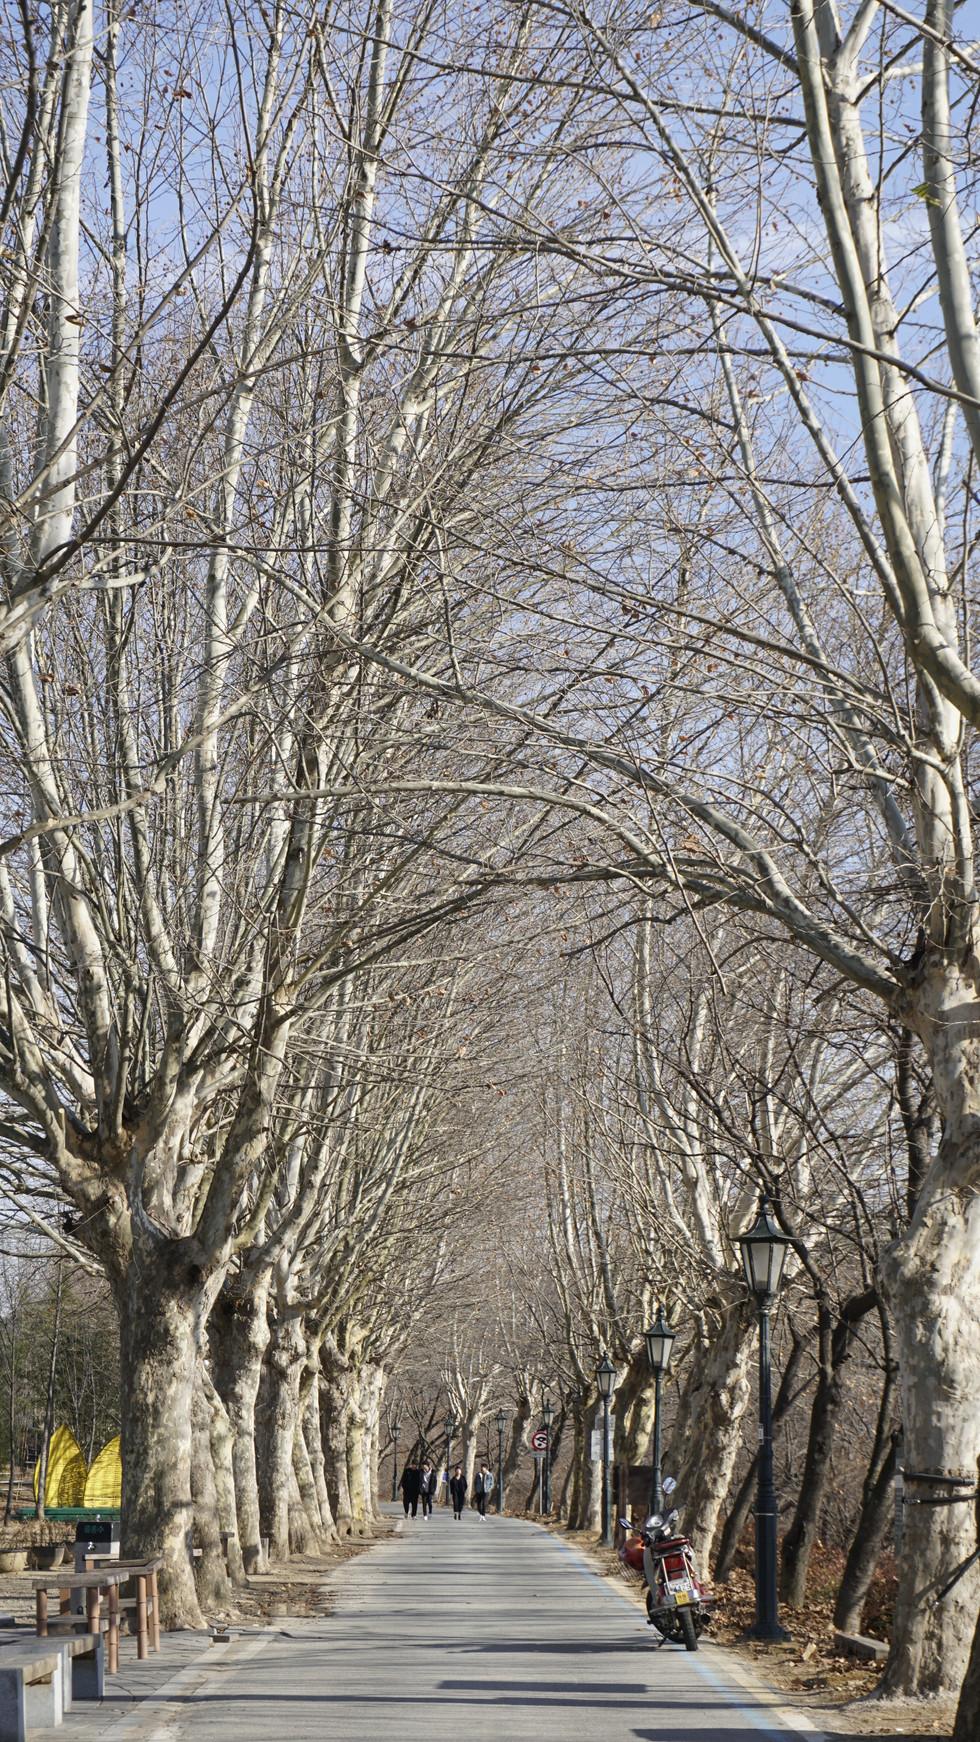 Jucklimwon(bamboo forest garden)